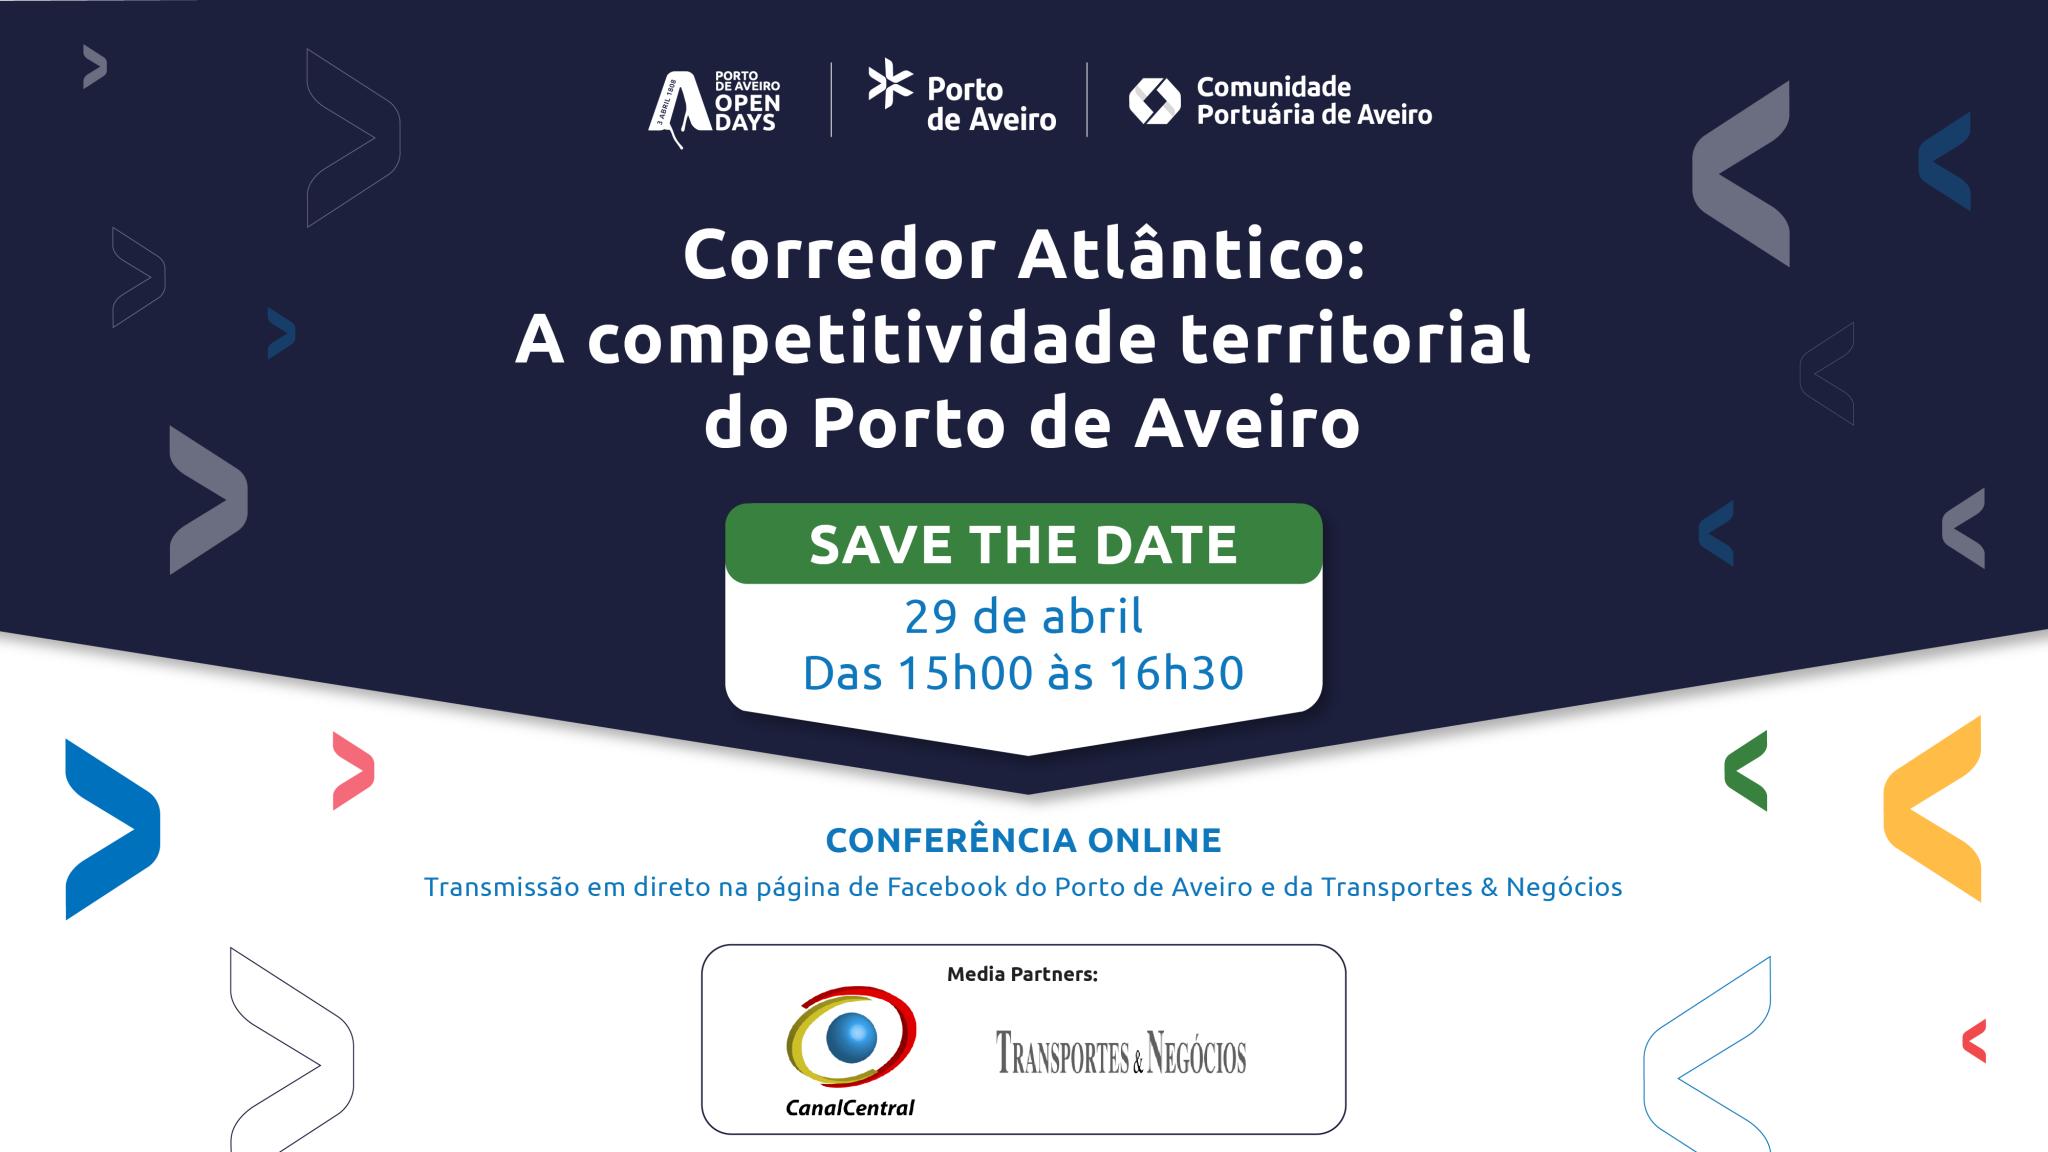 A competitividade territorial do Porto de Aveiro